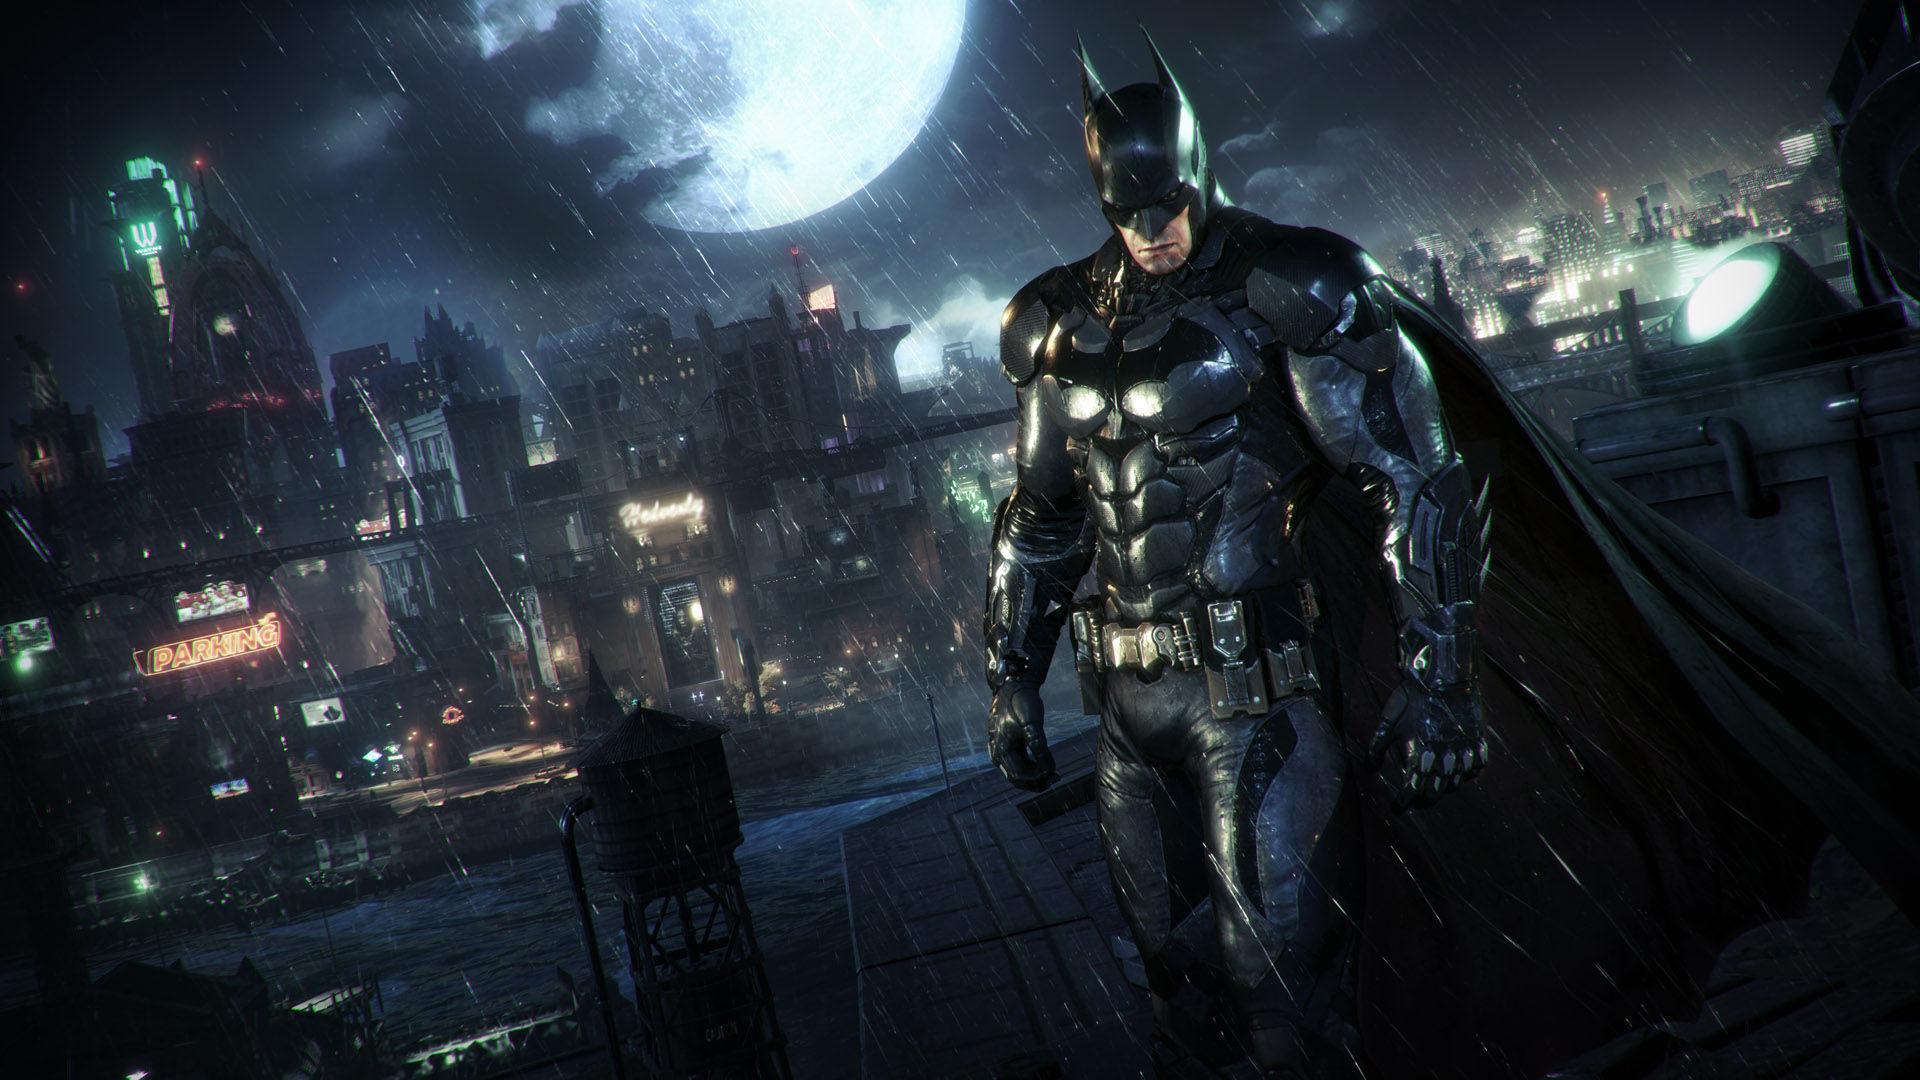 تحلیل فنی | سیستم بودجهای برای اجرای ۴K سری بازیهای Batman Arkham